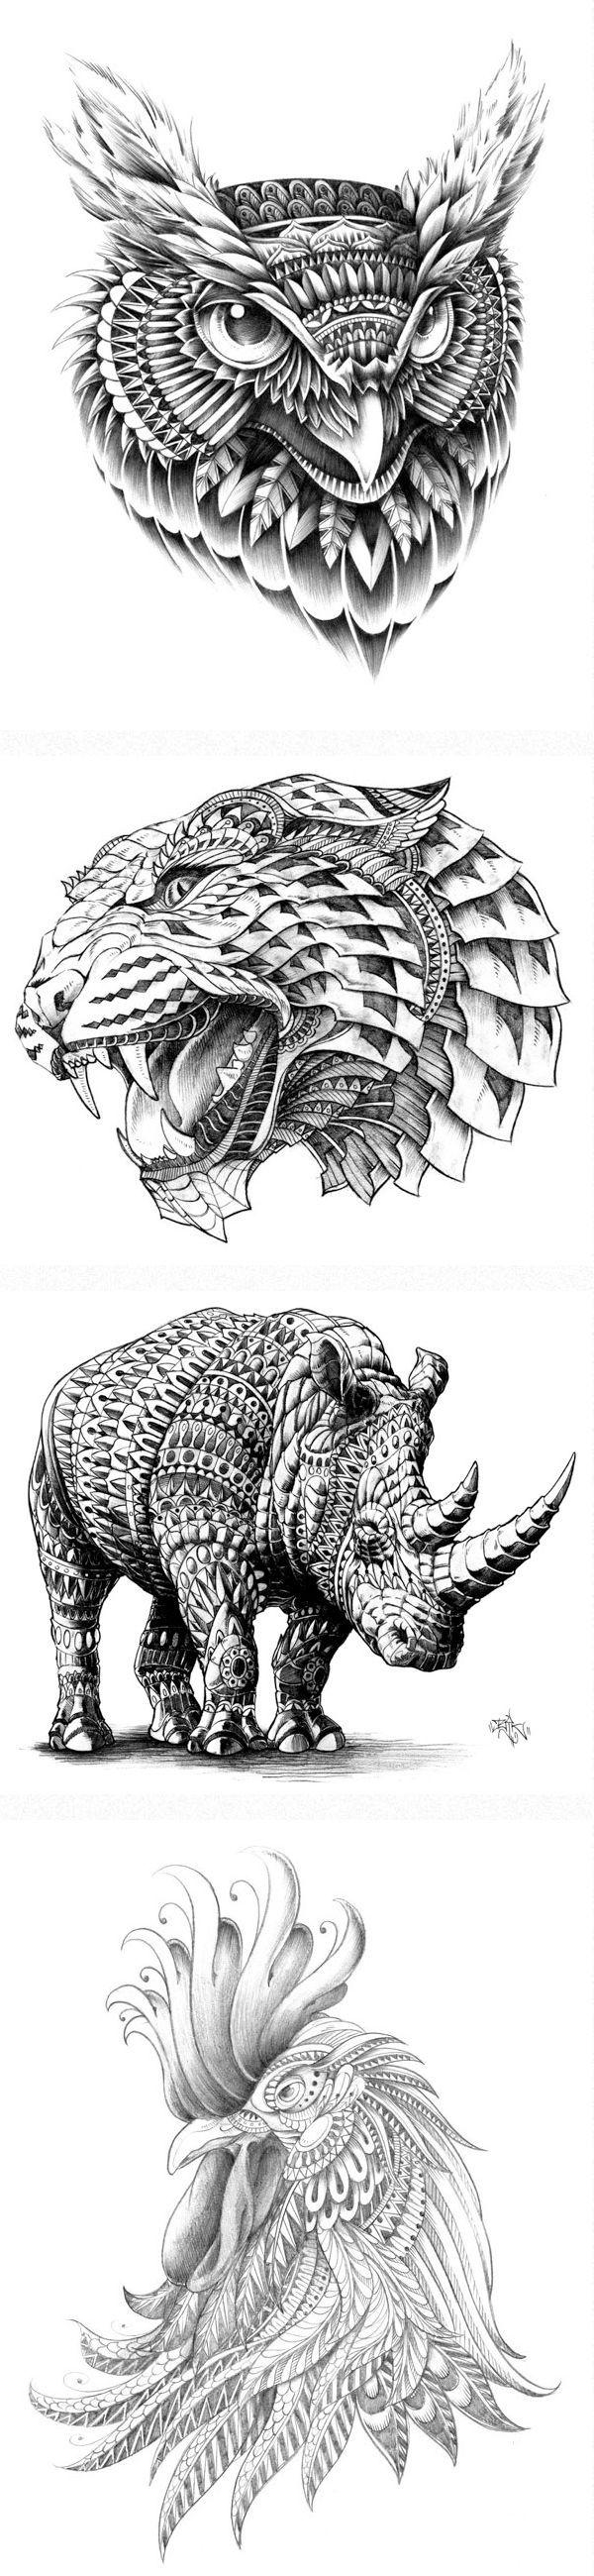 Ben Yin-Pan Kwok est un artiste qui nous vient de Los  Angeles, et qui réalise des illustrations d'animaux. Plus d'infos ici.